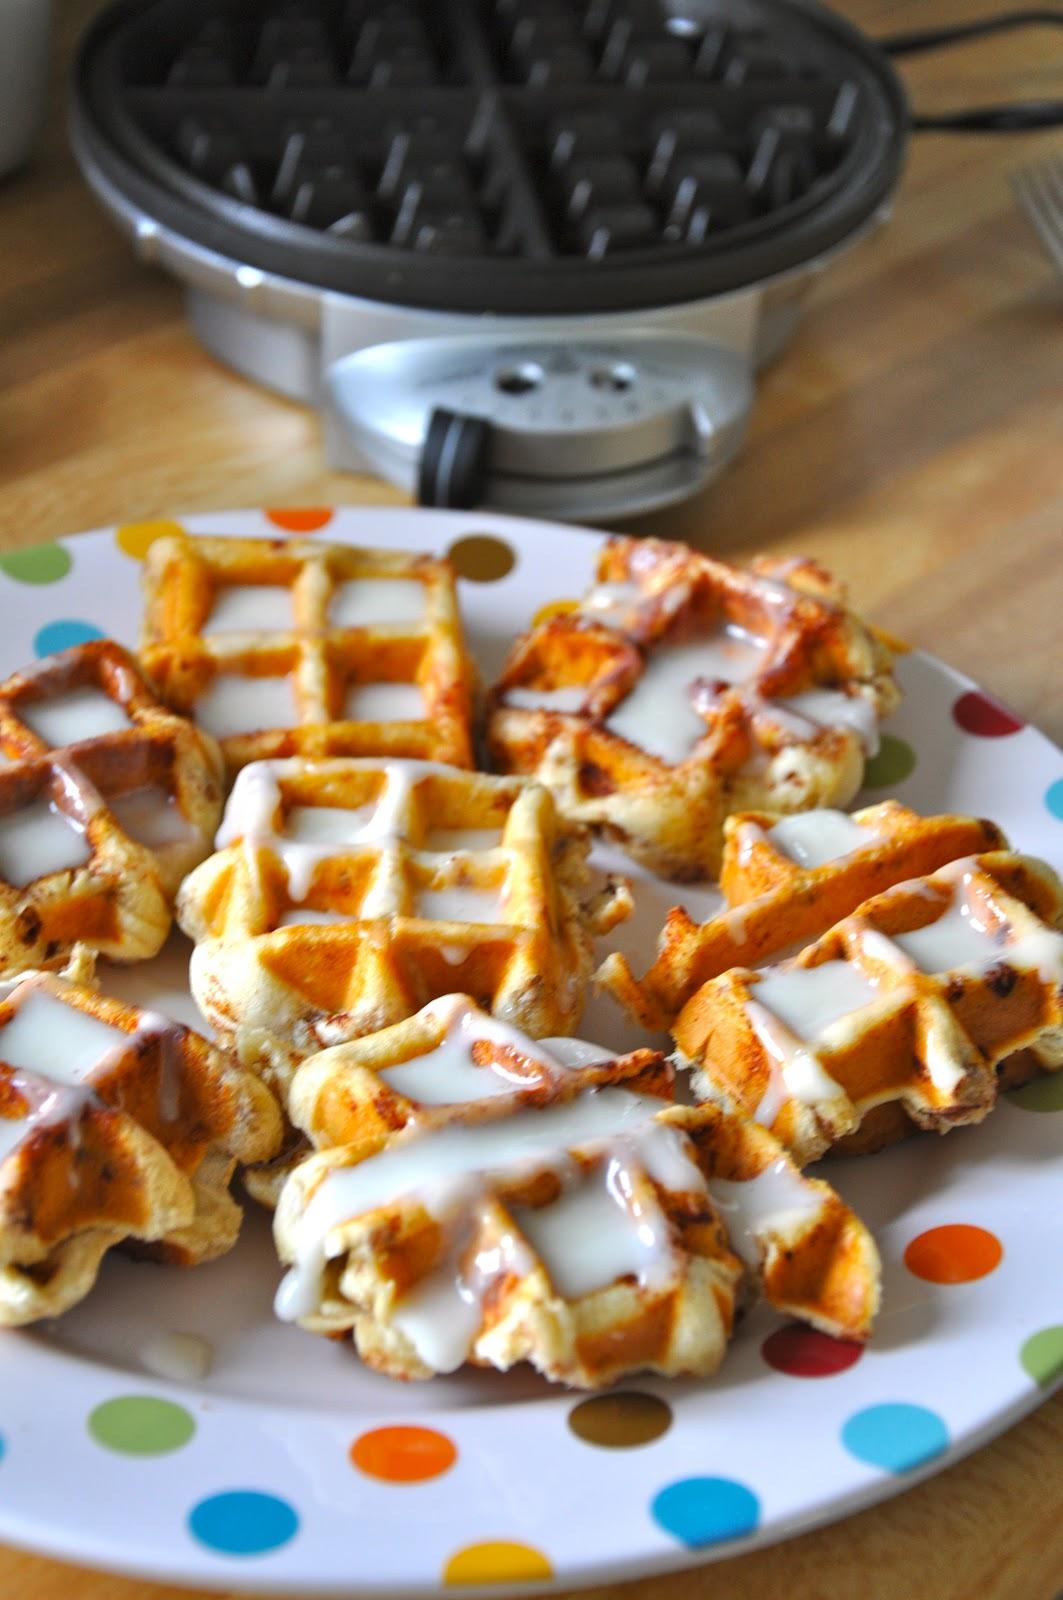 Little Bit Funky: cinnamon rolls in a waffle iron! who knew!!